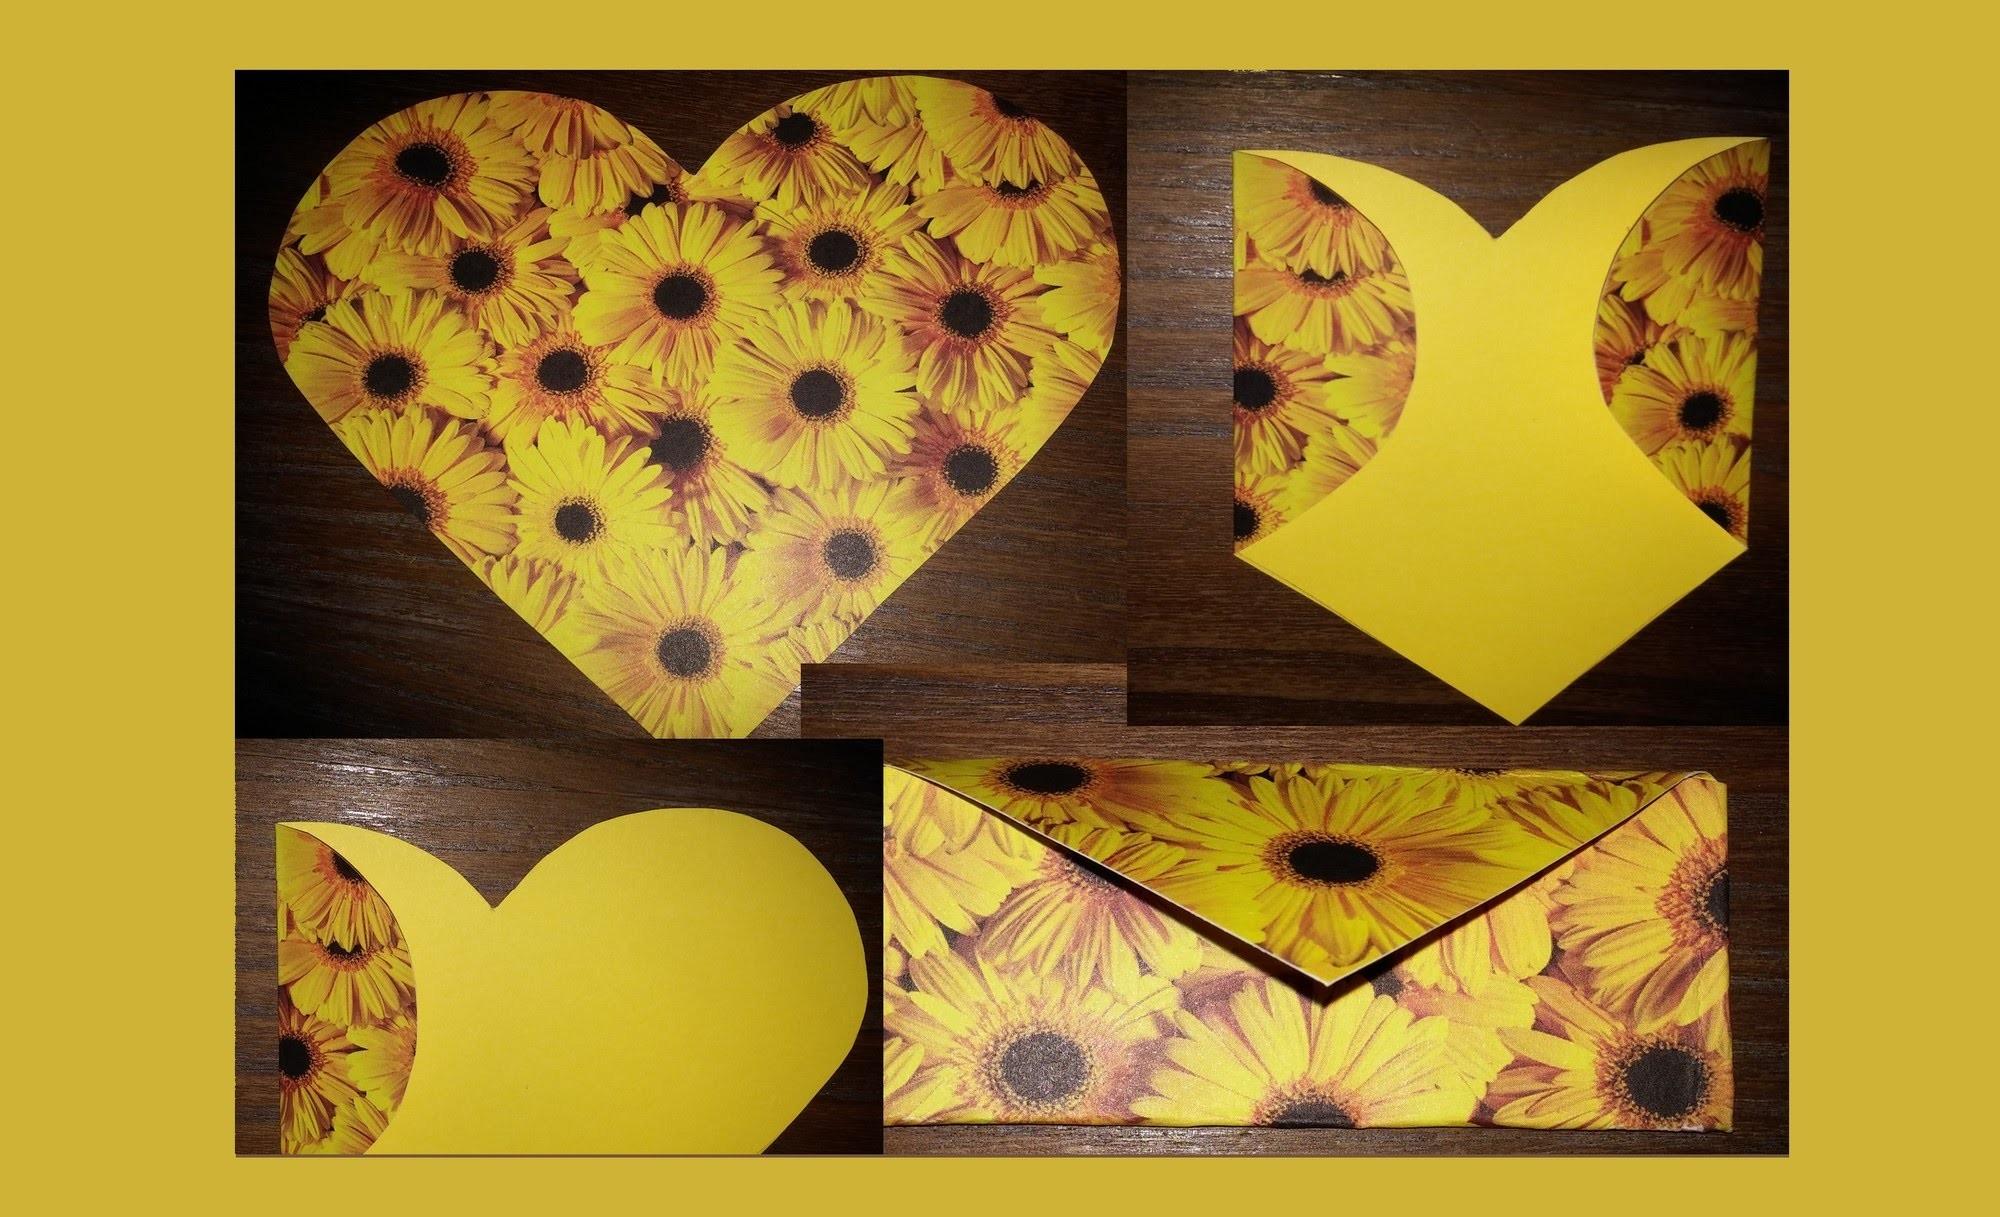 Carta.envelope feito de coração - DIY- Envelope made of paper heart!